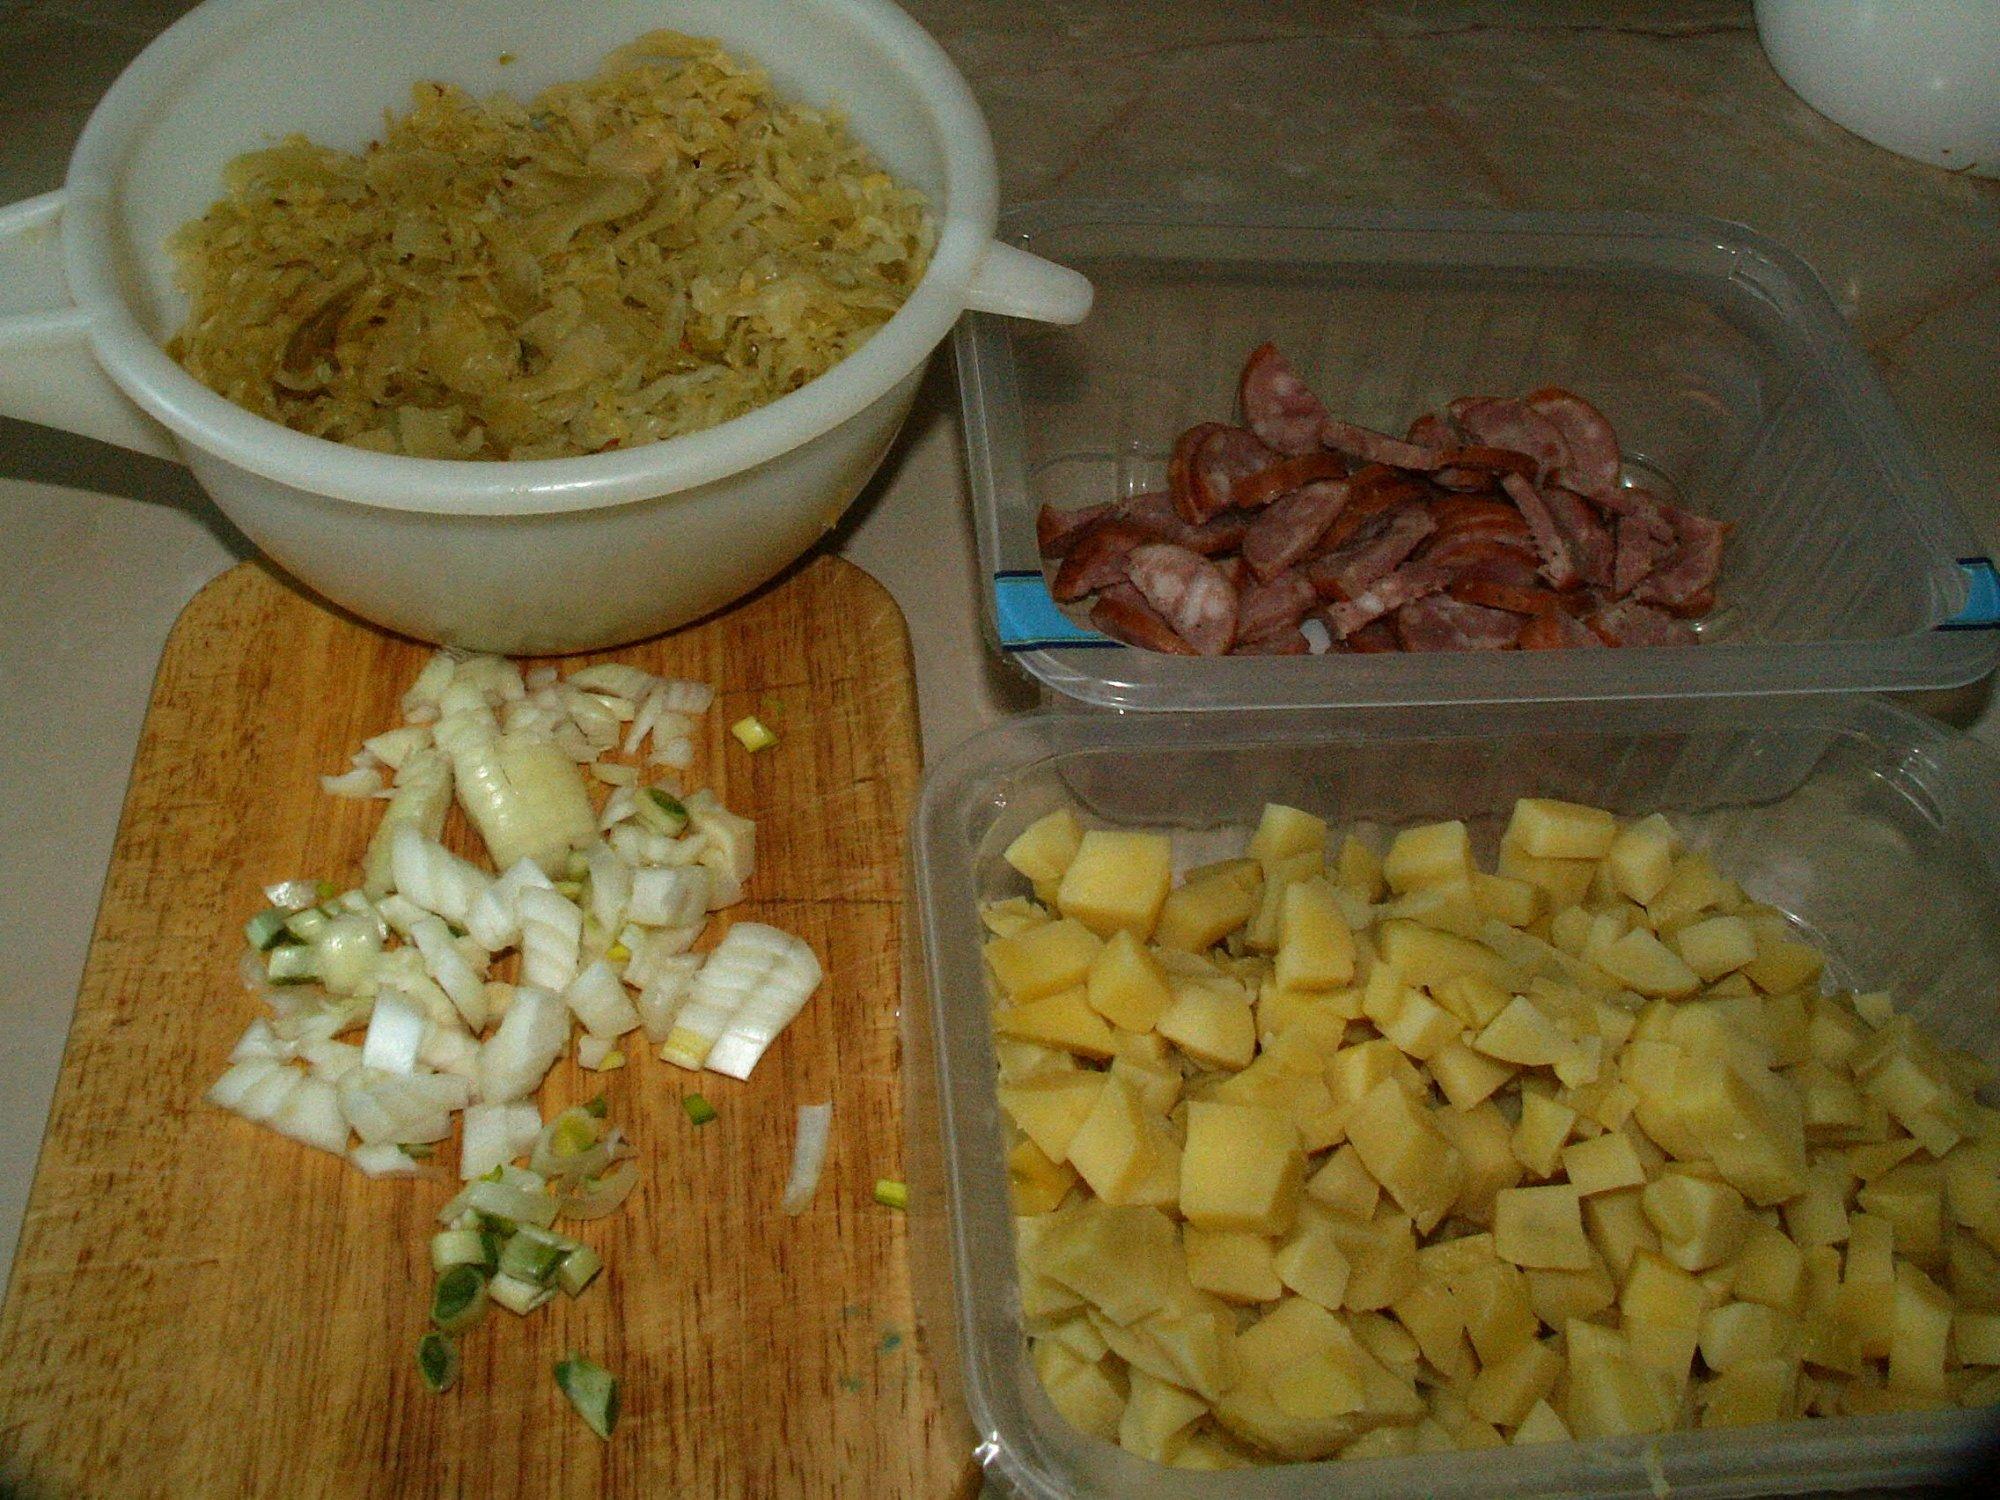 Recept Zelňačka s klobásou - Vše na polévku připraveno.